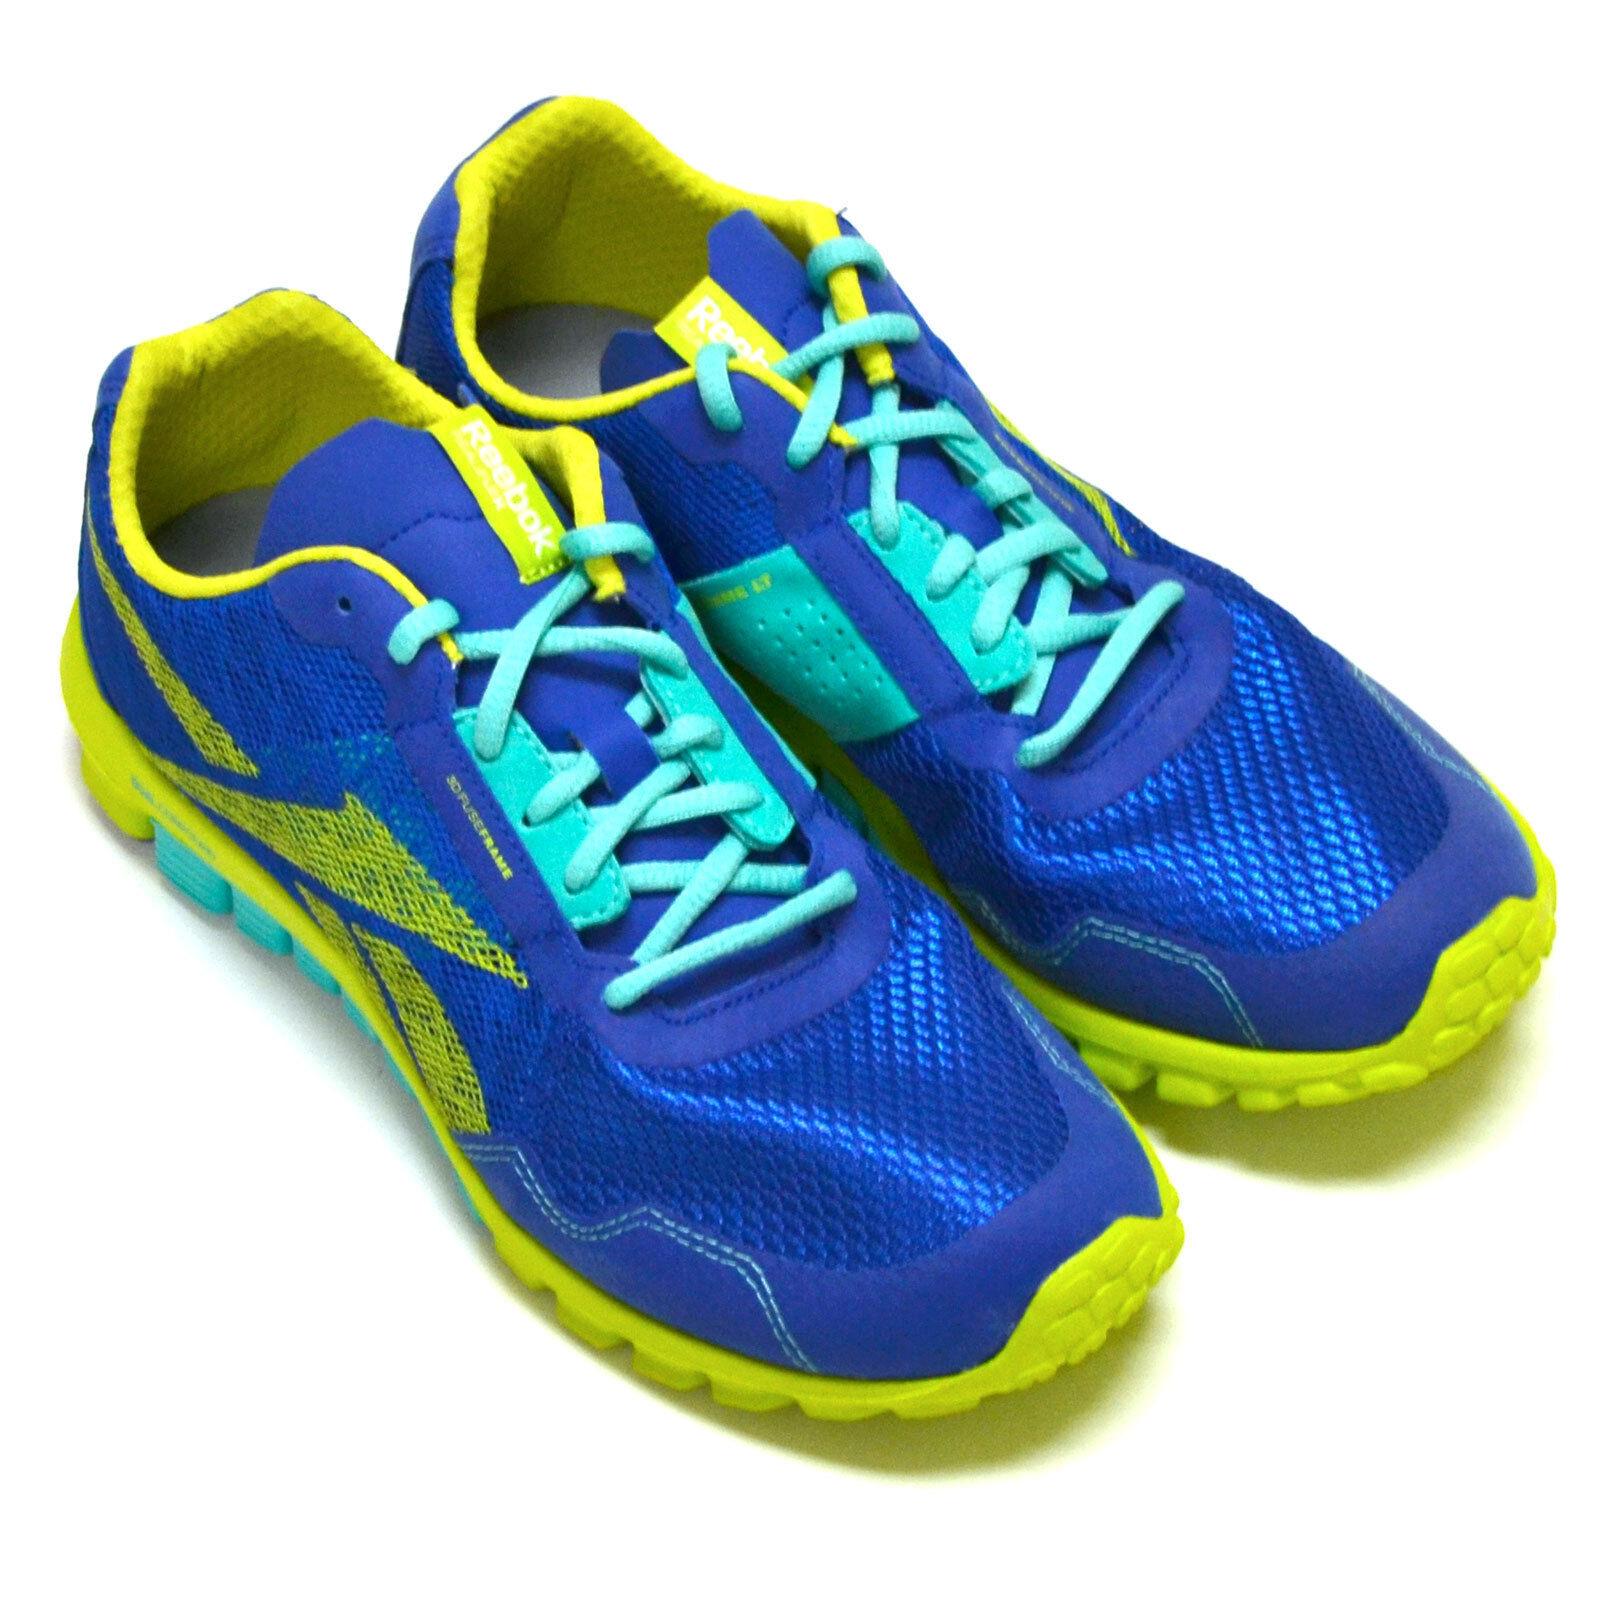 Run Green 0 Chaussures 2 Hommes Sneakers Reebok Realflex V51989 Bleu 8Bvqx5w